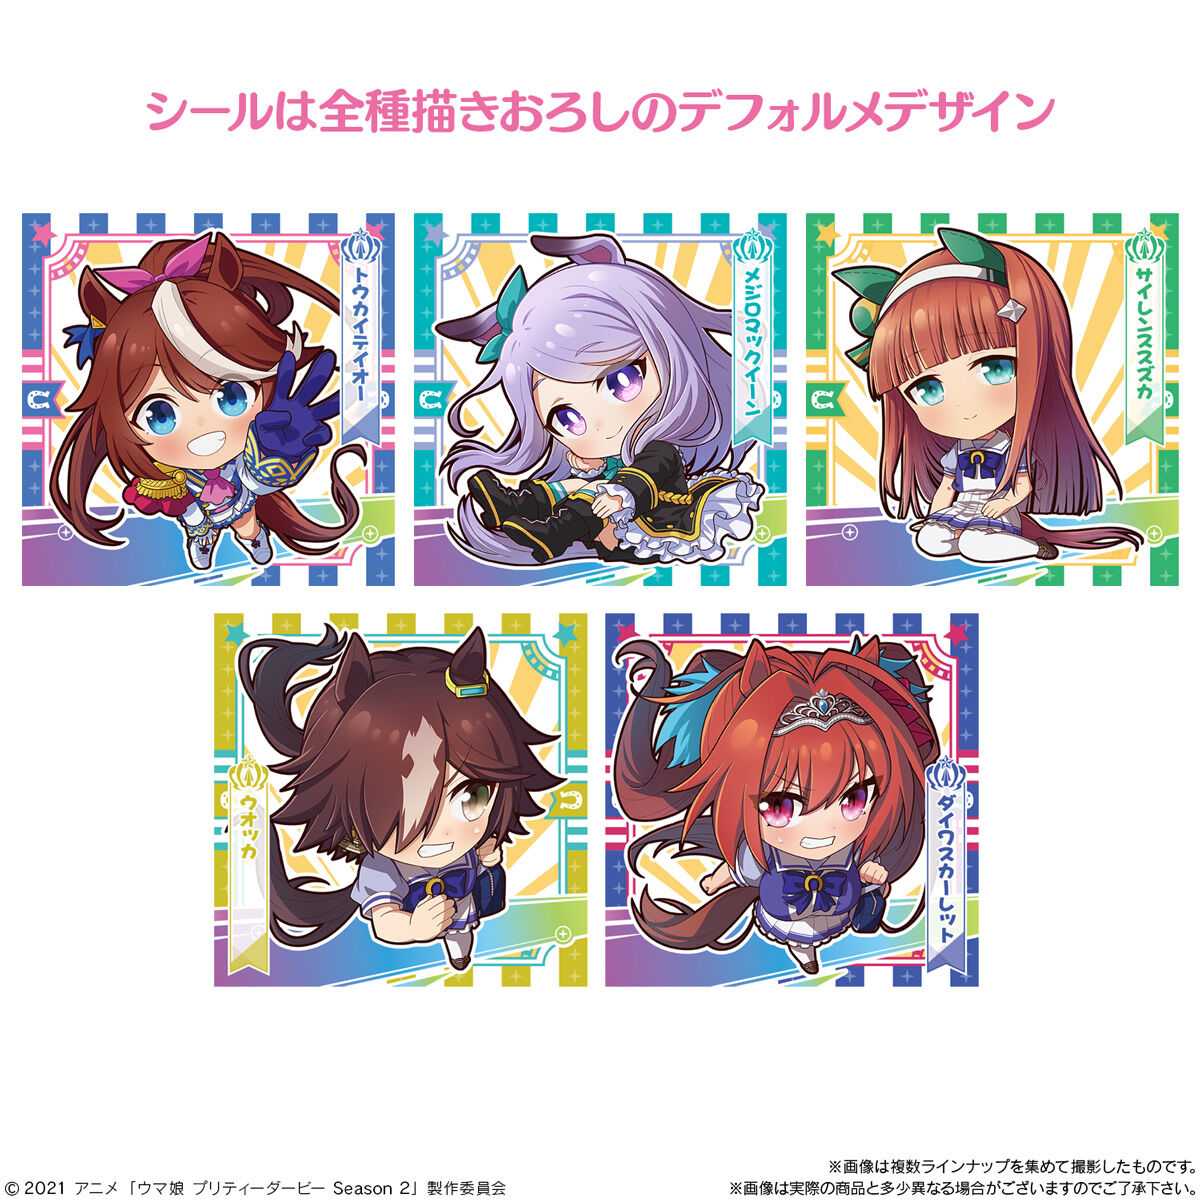 【食玩】ウマ娘 プリティーダービー Season 2『プリティーダービーグミ』12個入りBOX-002